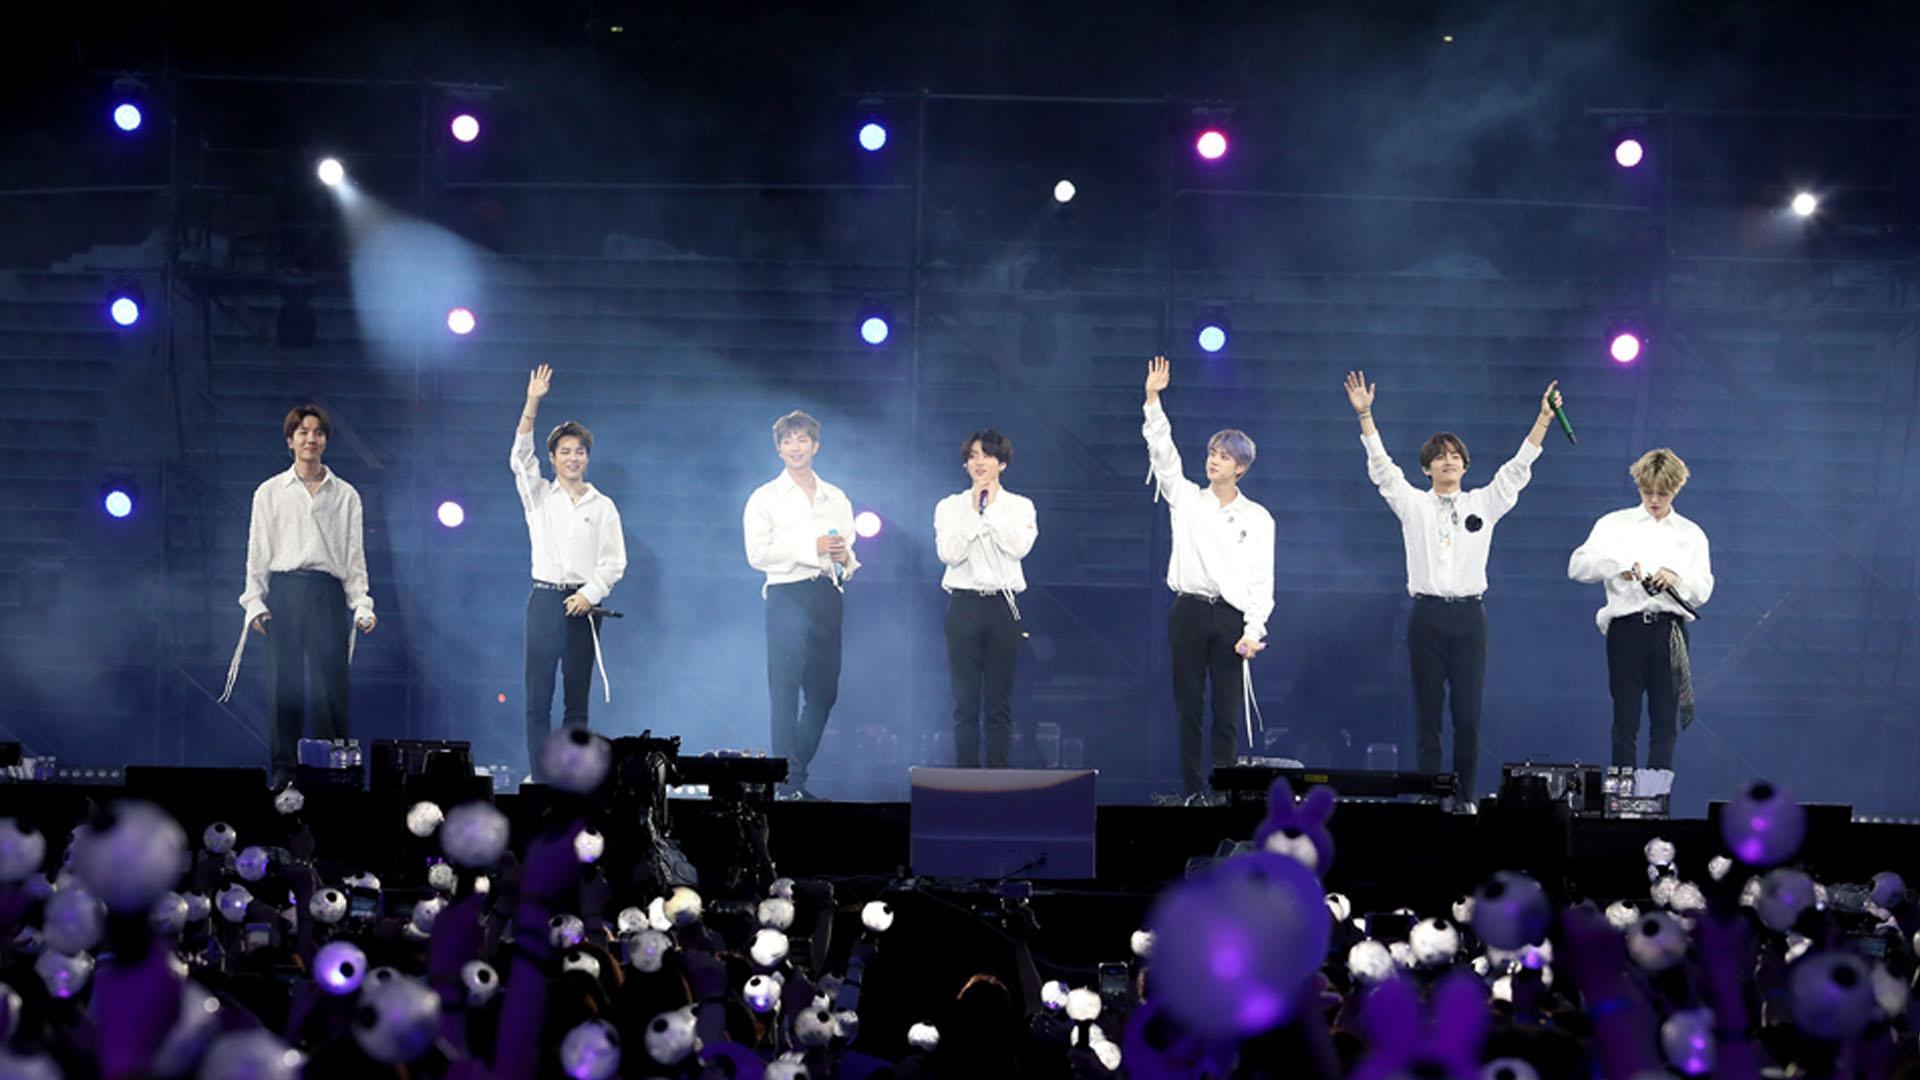 BTS LA 콘서트 전석 매진…공연장 밖 전광판 응원존 설치